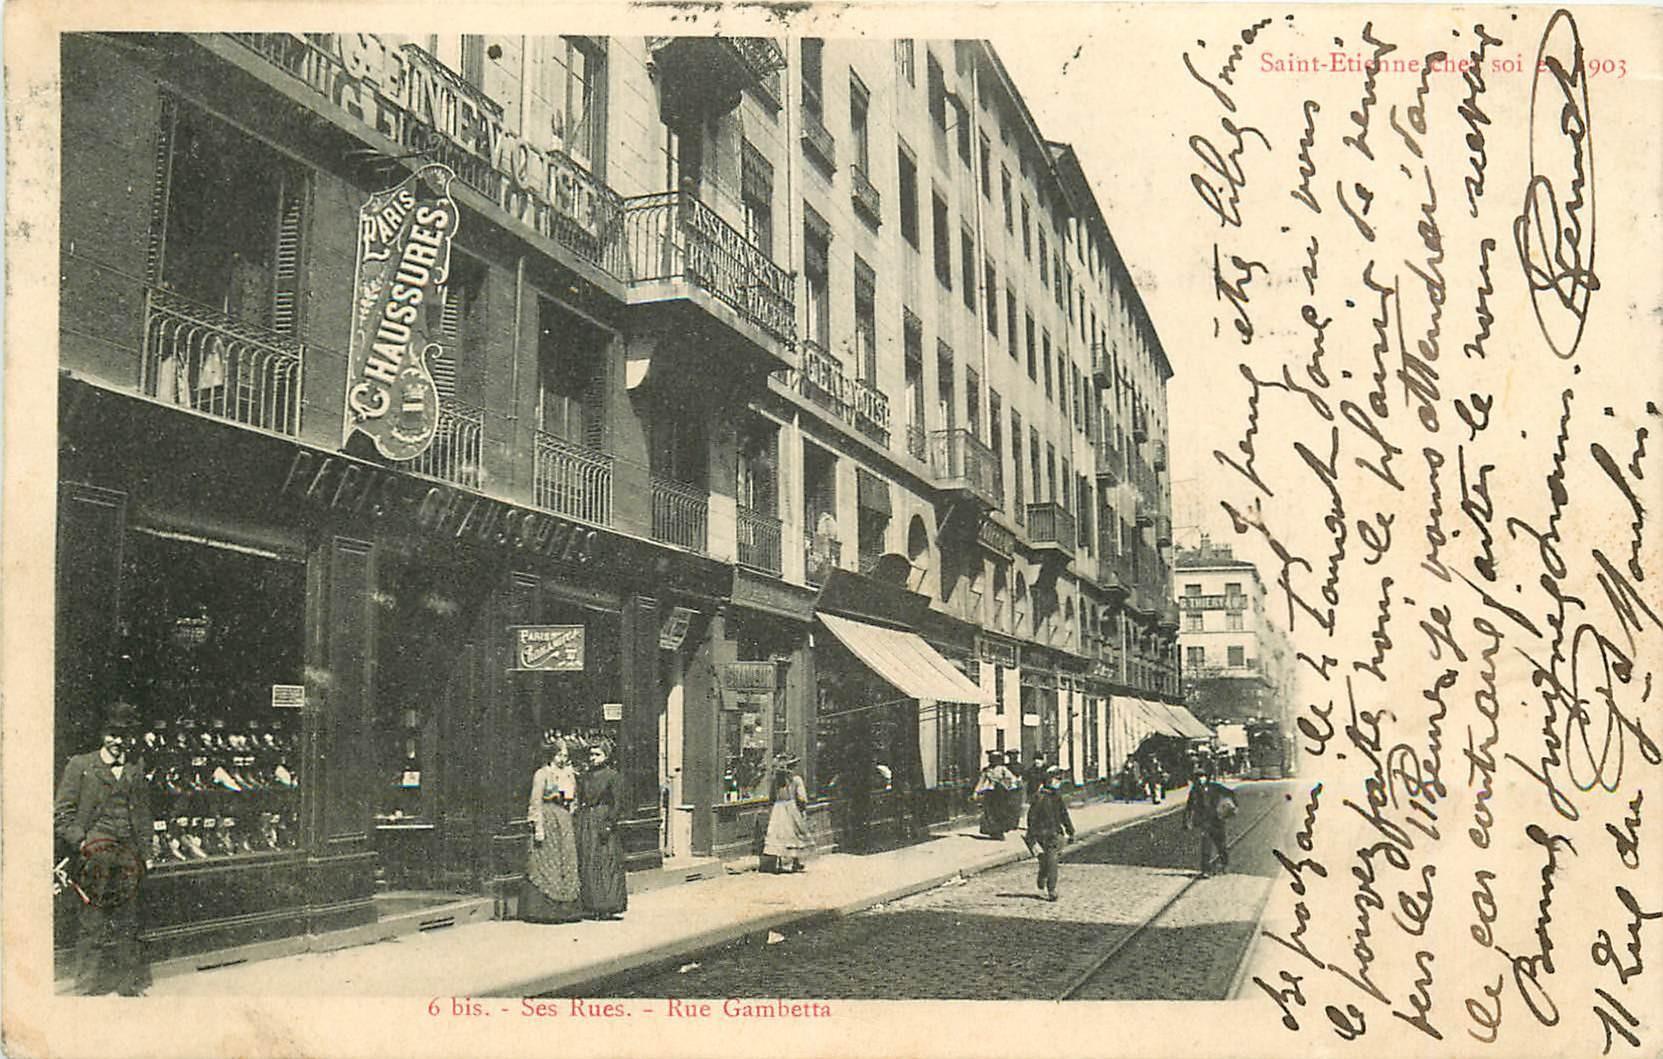 WW 42 SAINT-ETIENNE chez soi 1903. Paris Chaussures rue Gambetta